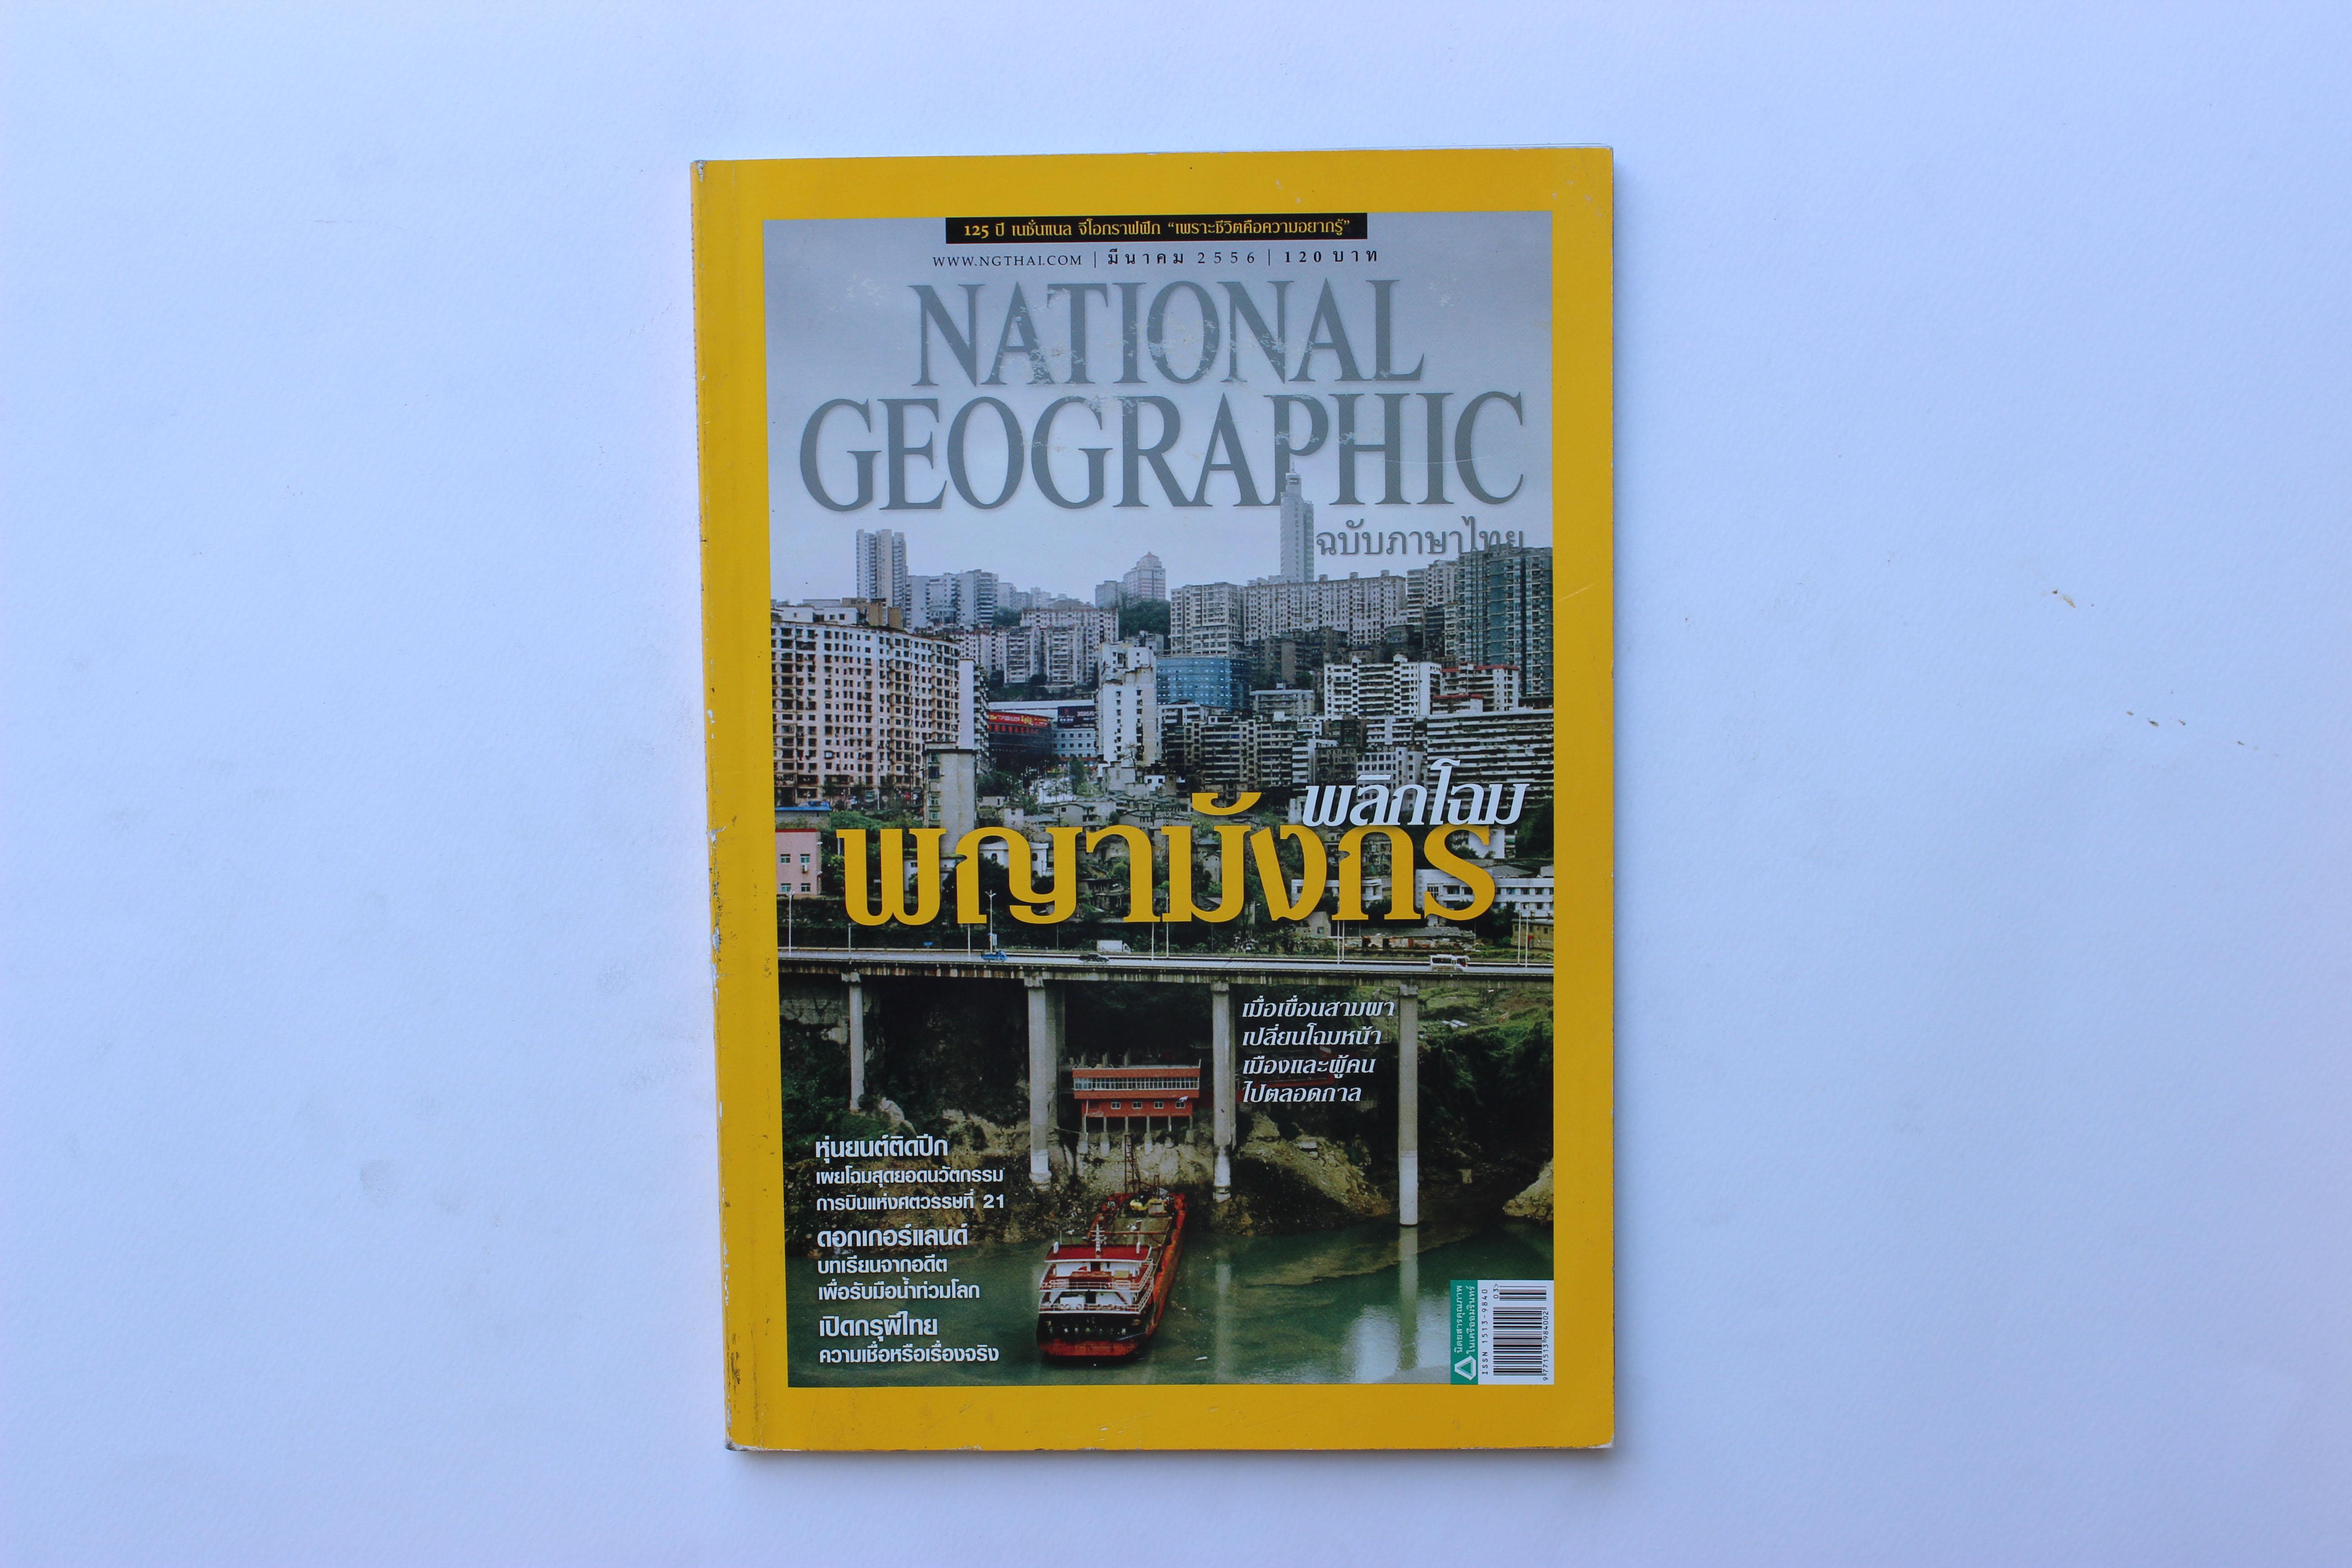 NATIONAL GEOGRAPHIC ฉบับภาษาไทย มีนาคม 2556 พลิกโฉมพญามังกร